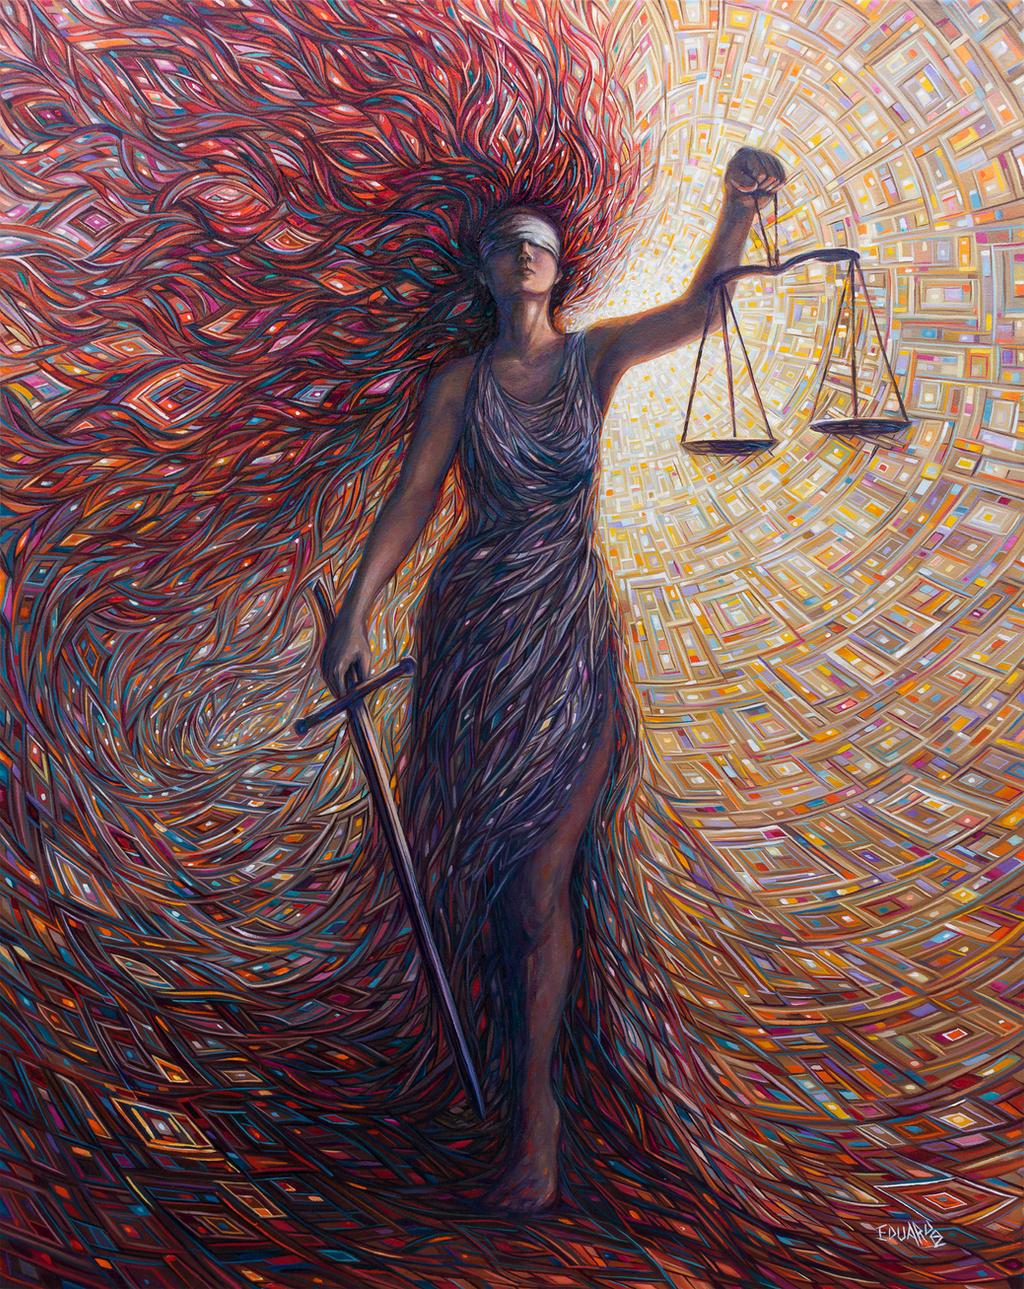 Justice by eddiecalz on DeviantArt